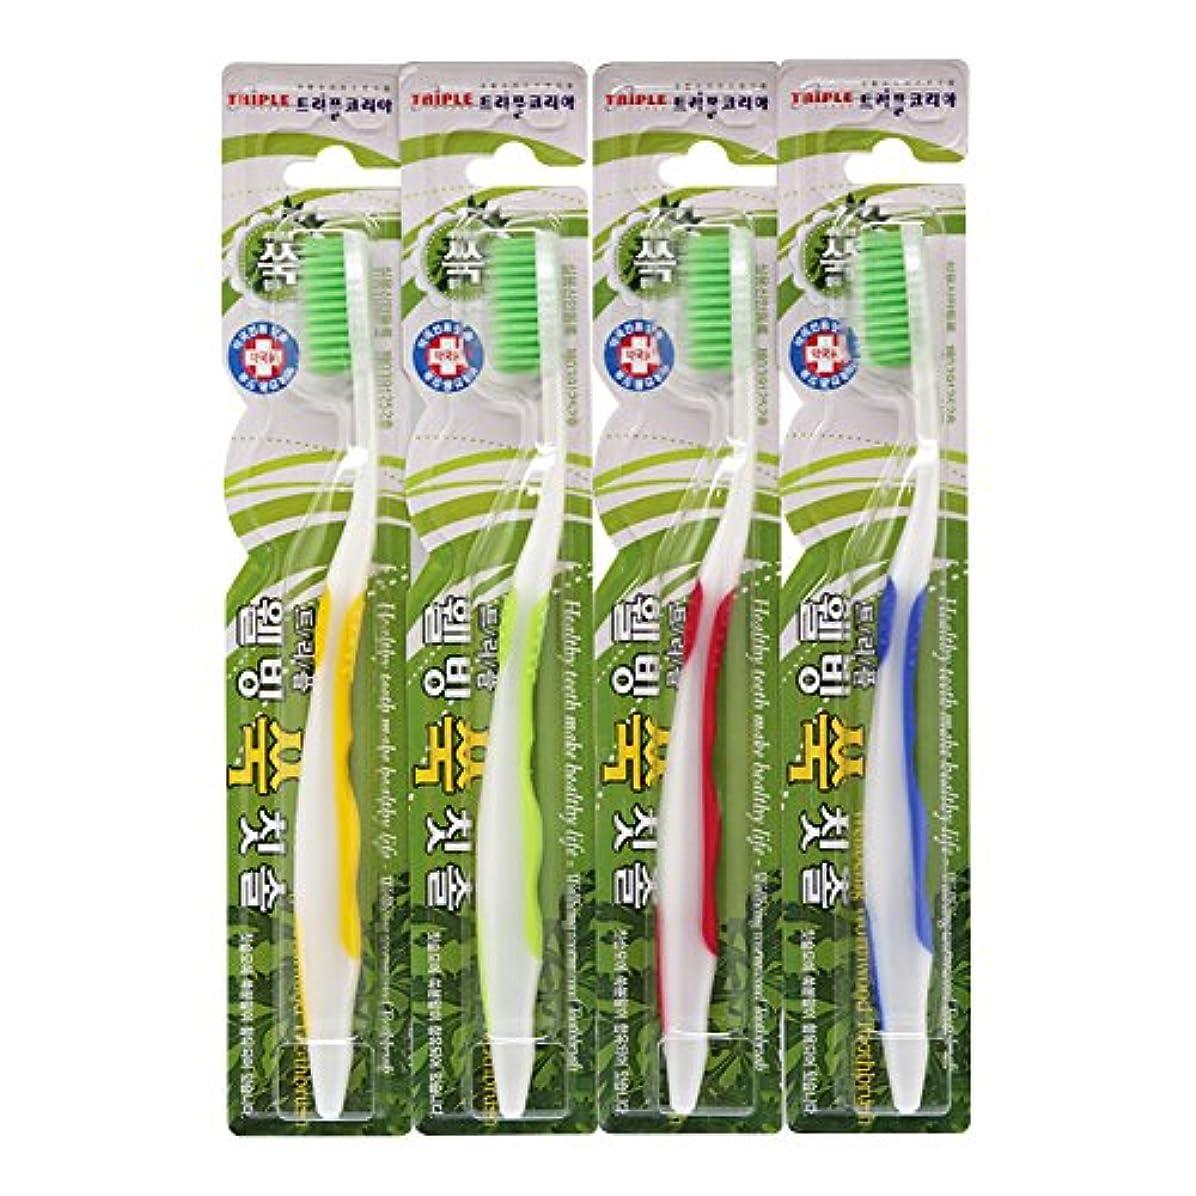 教会郵便特徴TRIPLE KOREA ウェルビーイングよもぎグ歯ブラシ4本セット よもぎ成分配合 極細毛 抗菌毛